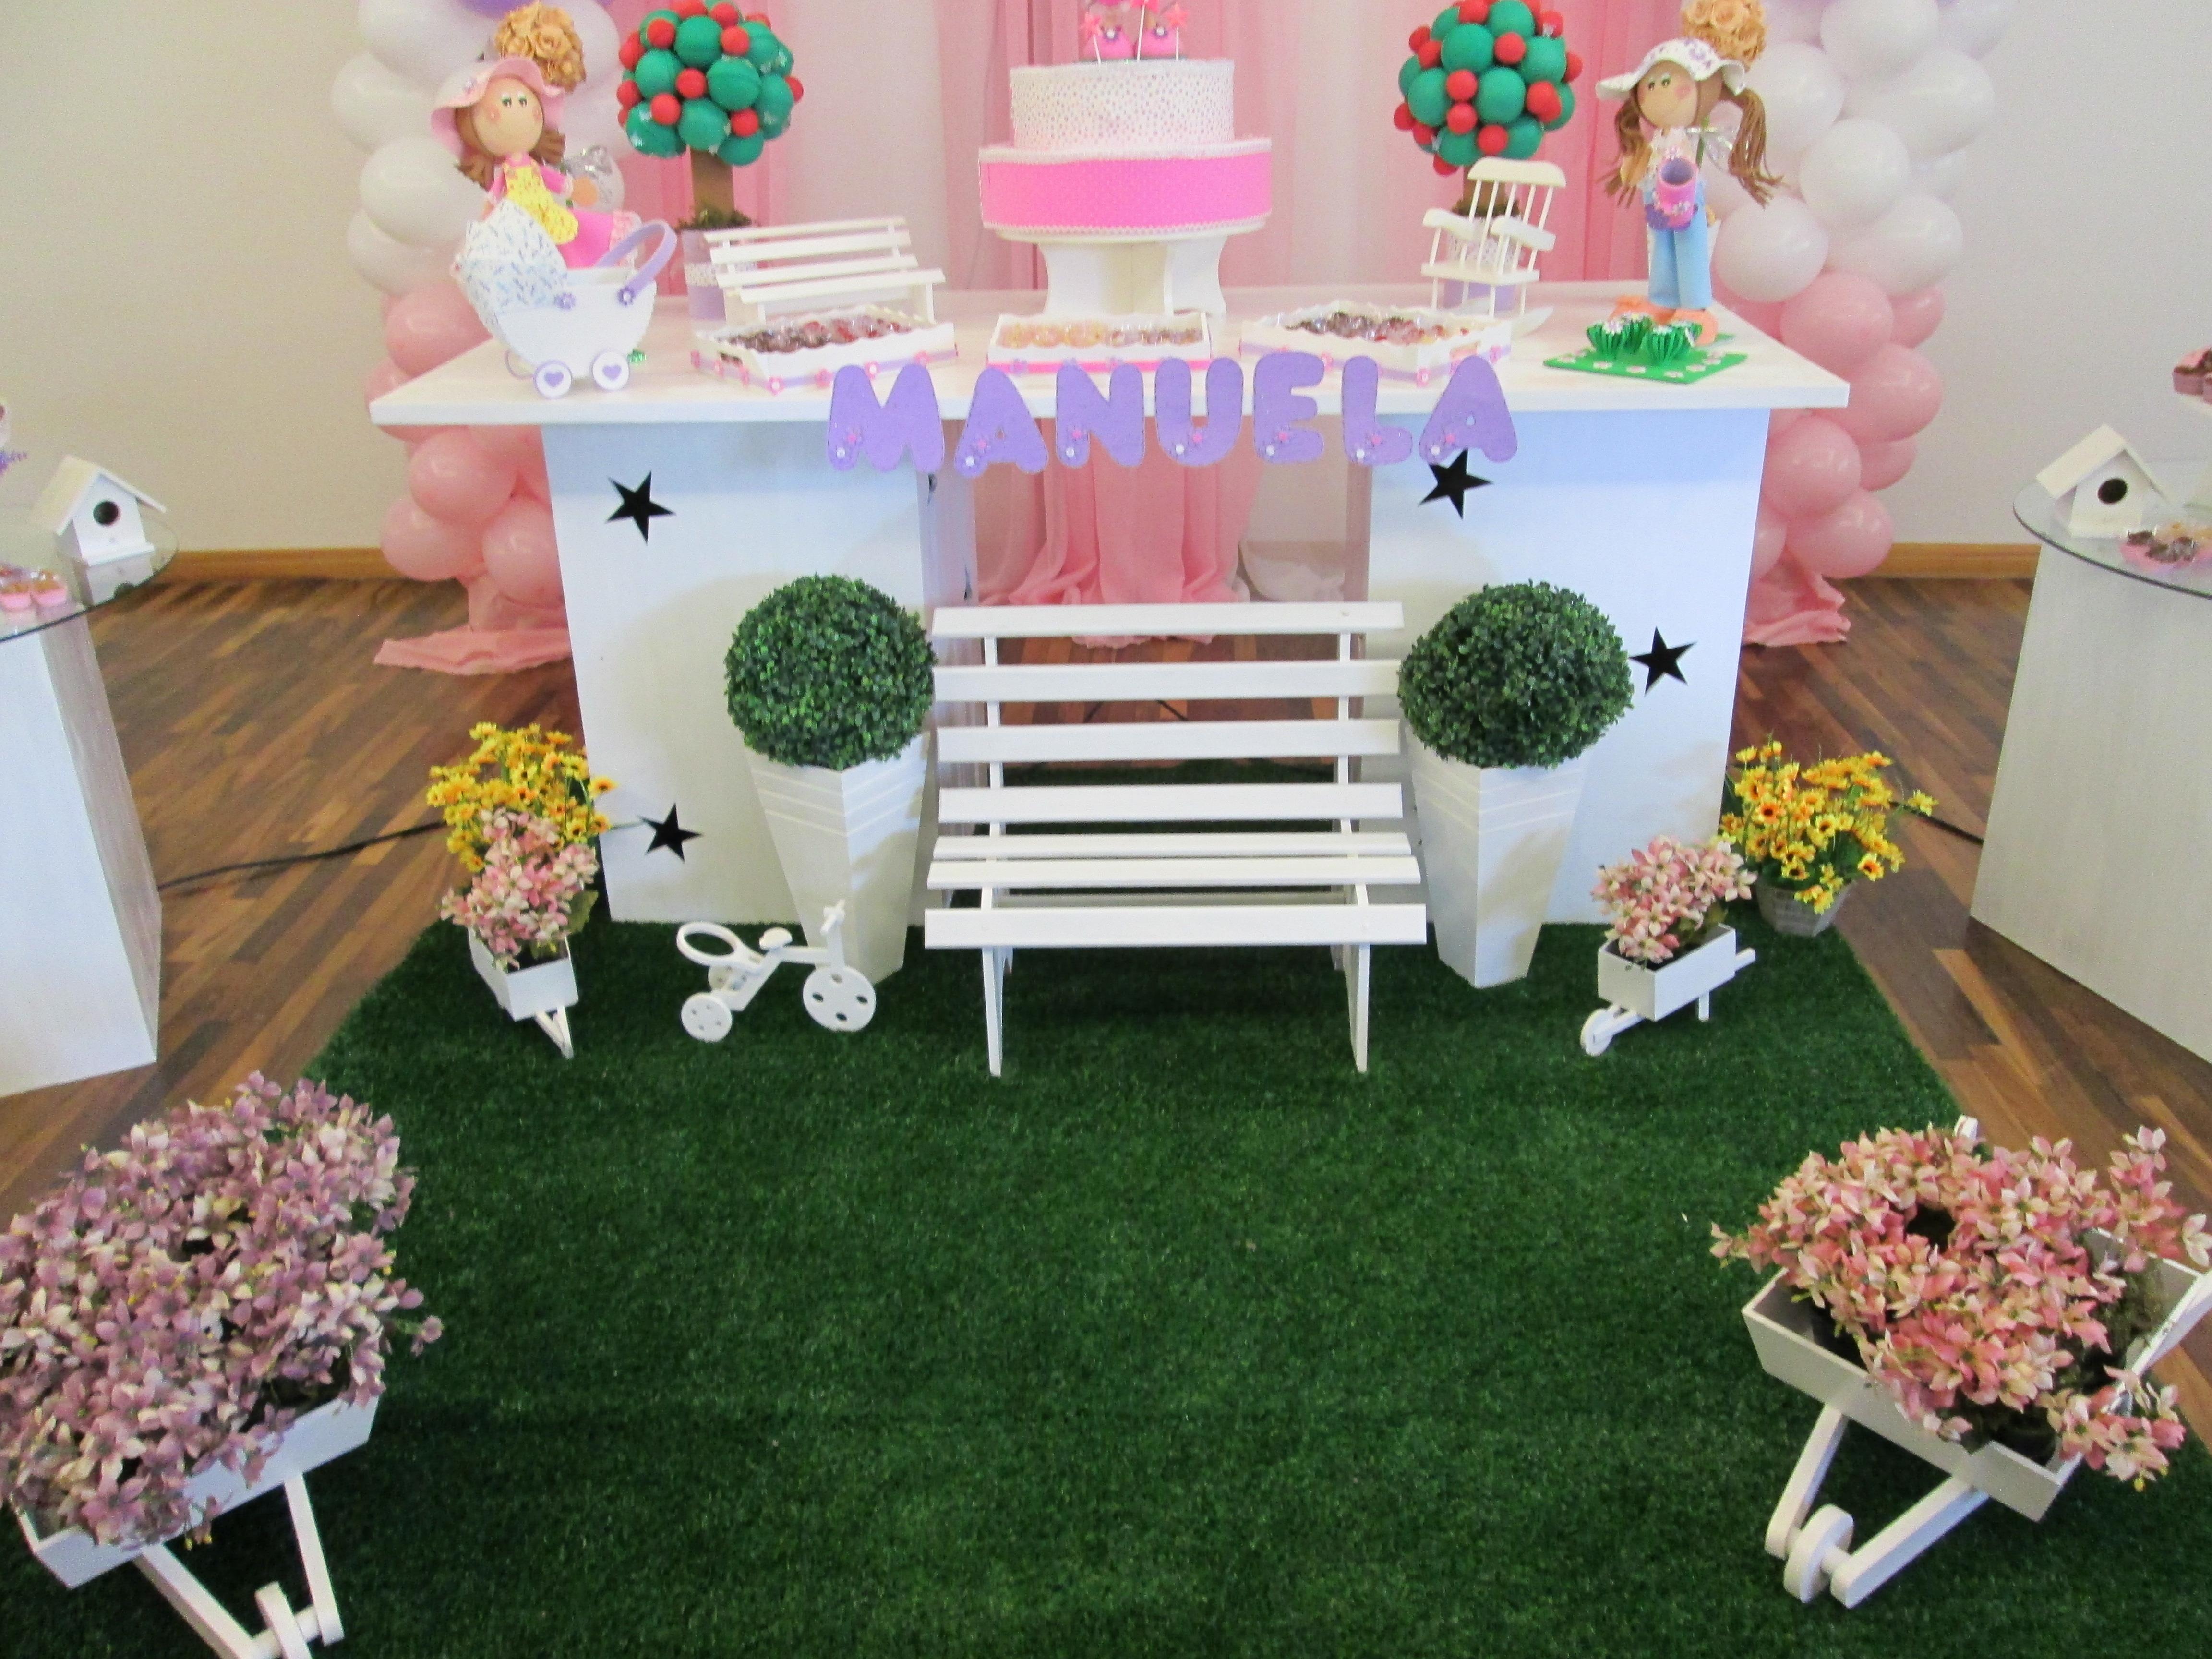 #884387 decoracao bonecas no jardim:  decoracao bonecas no jardim locacao  4608x3456 px tamanho banheiro adaptado